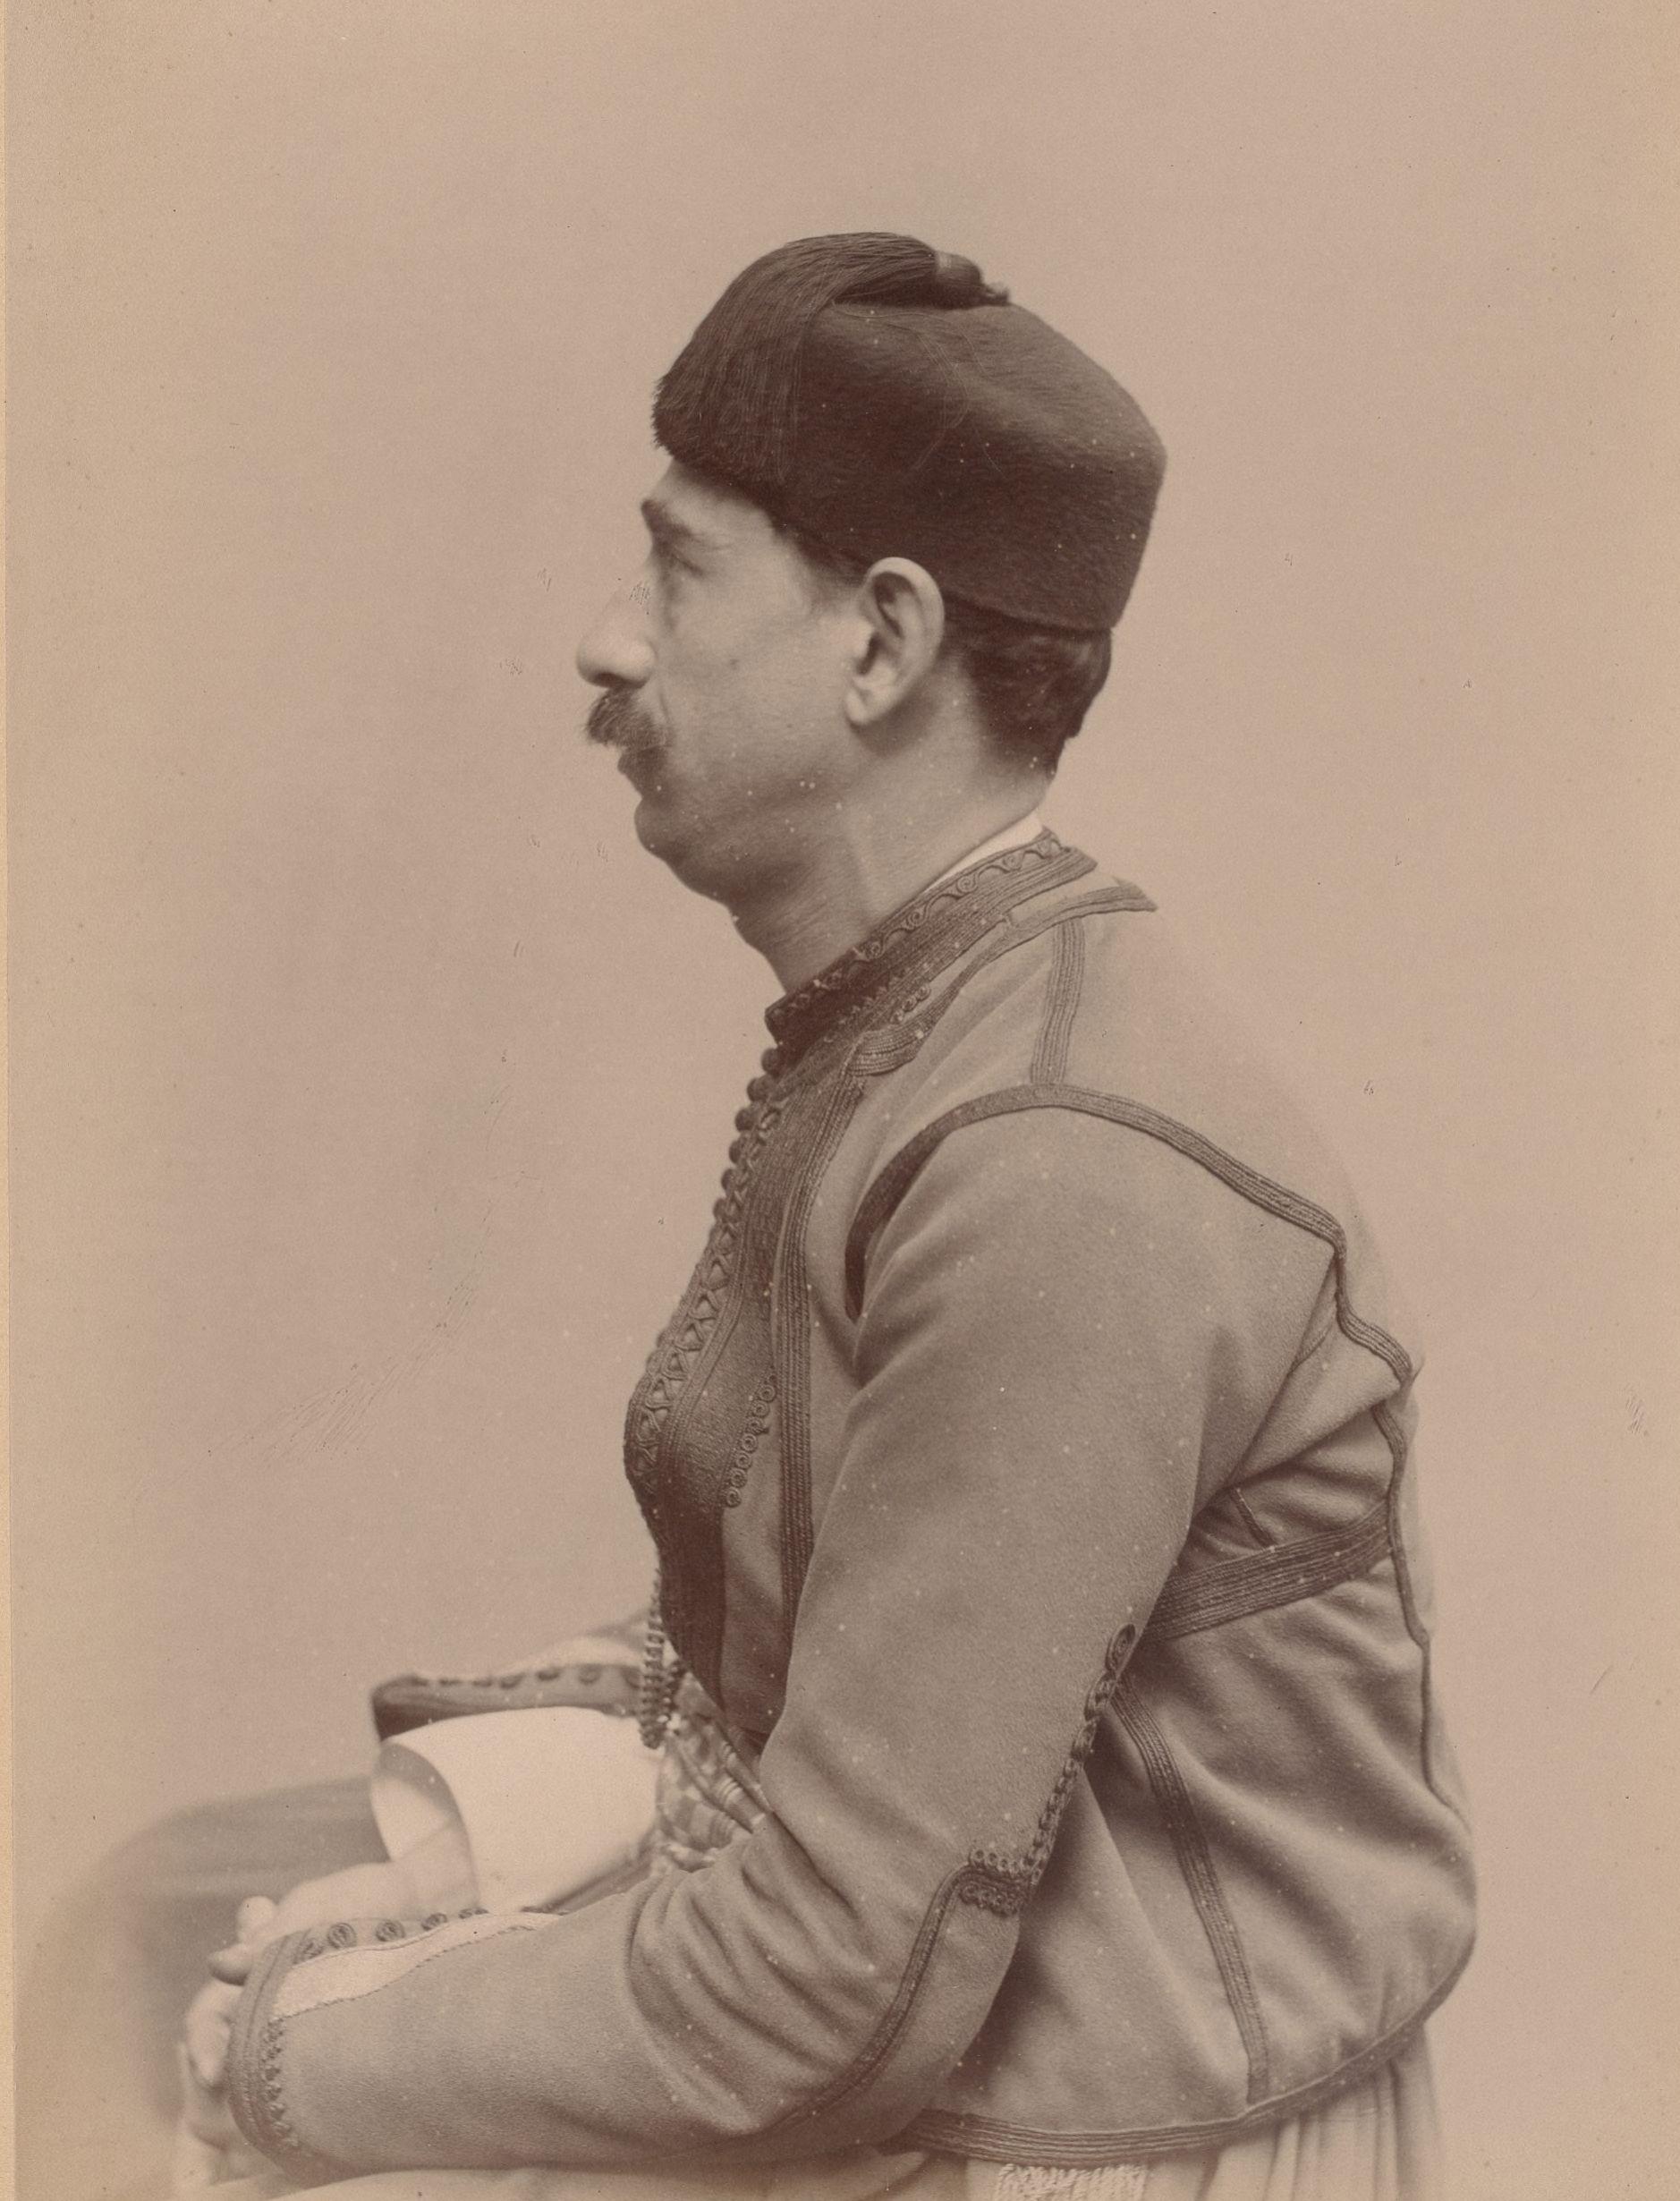 Лабан Серор (музыкант), родившийся в Алжире, 30 лет (вид сбоку)